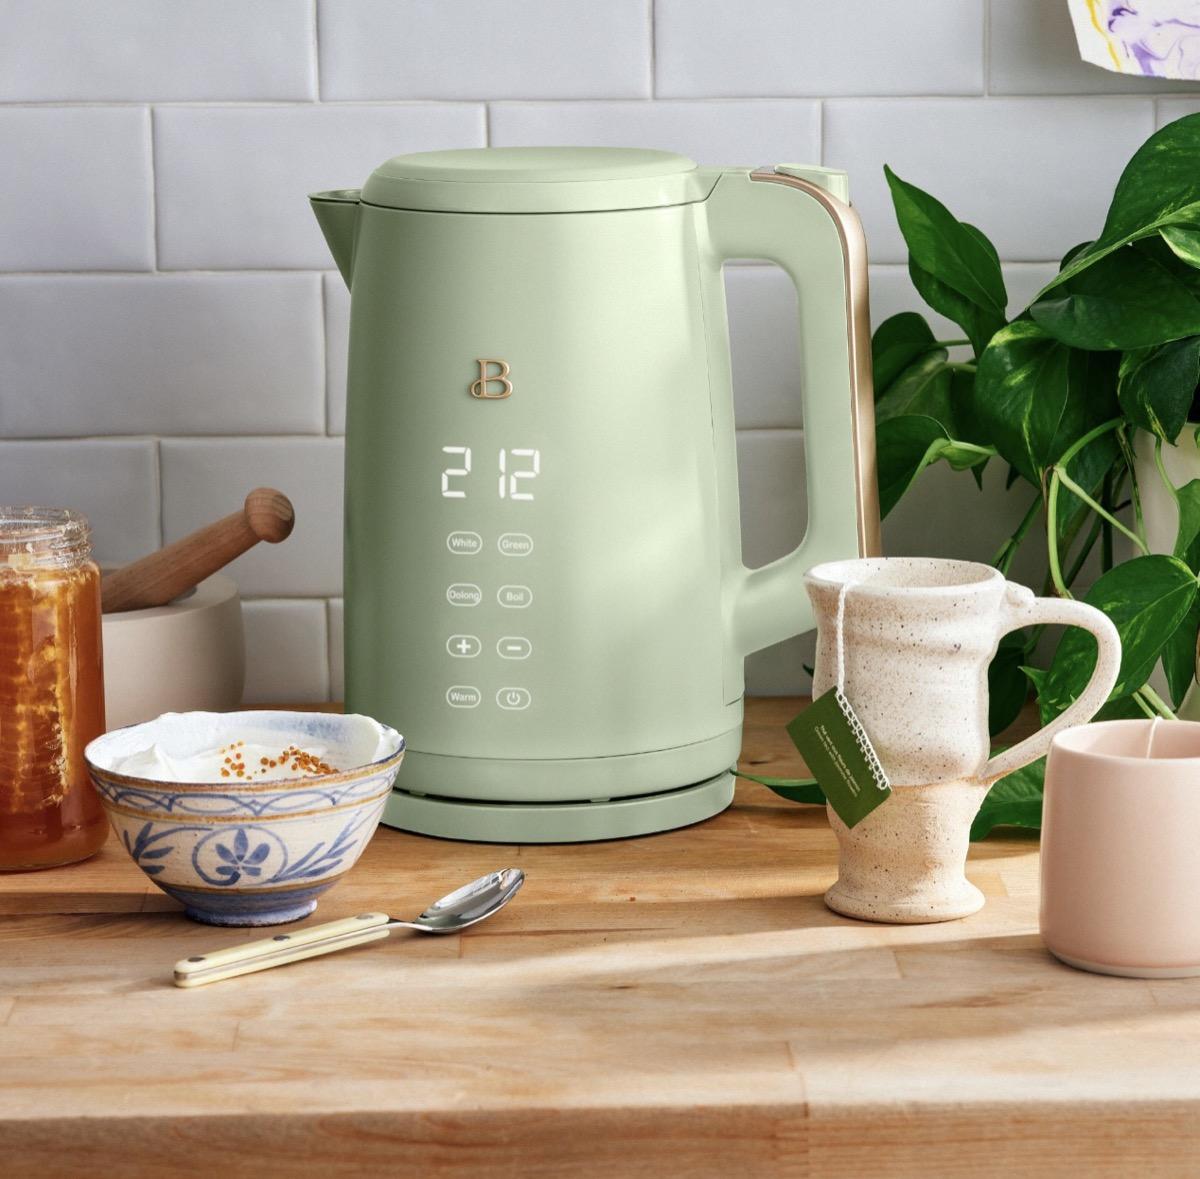 sage green touchscreen kettle